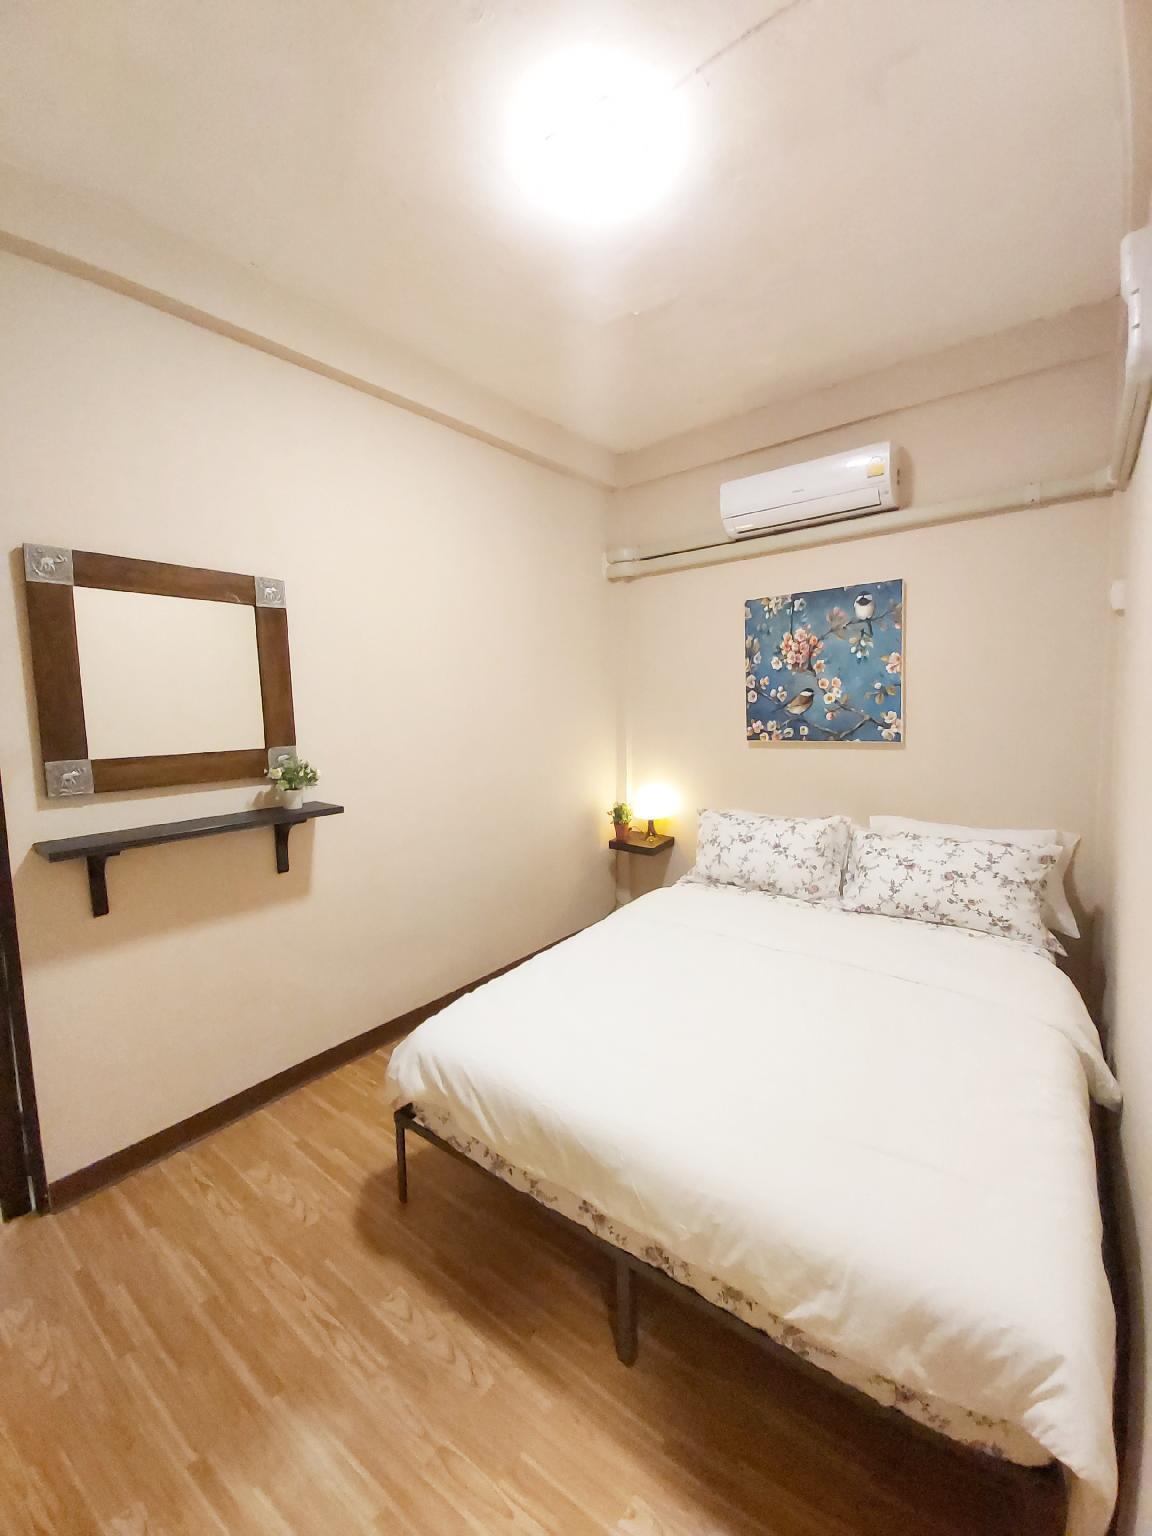 Real Bangkok Guesthouse Room 2